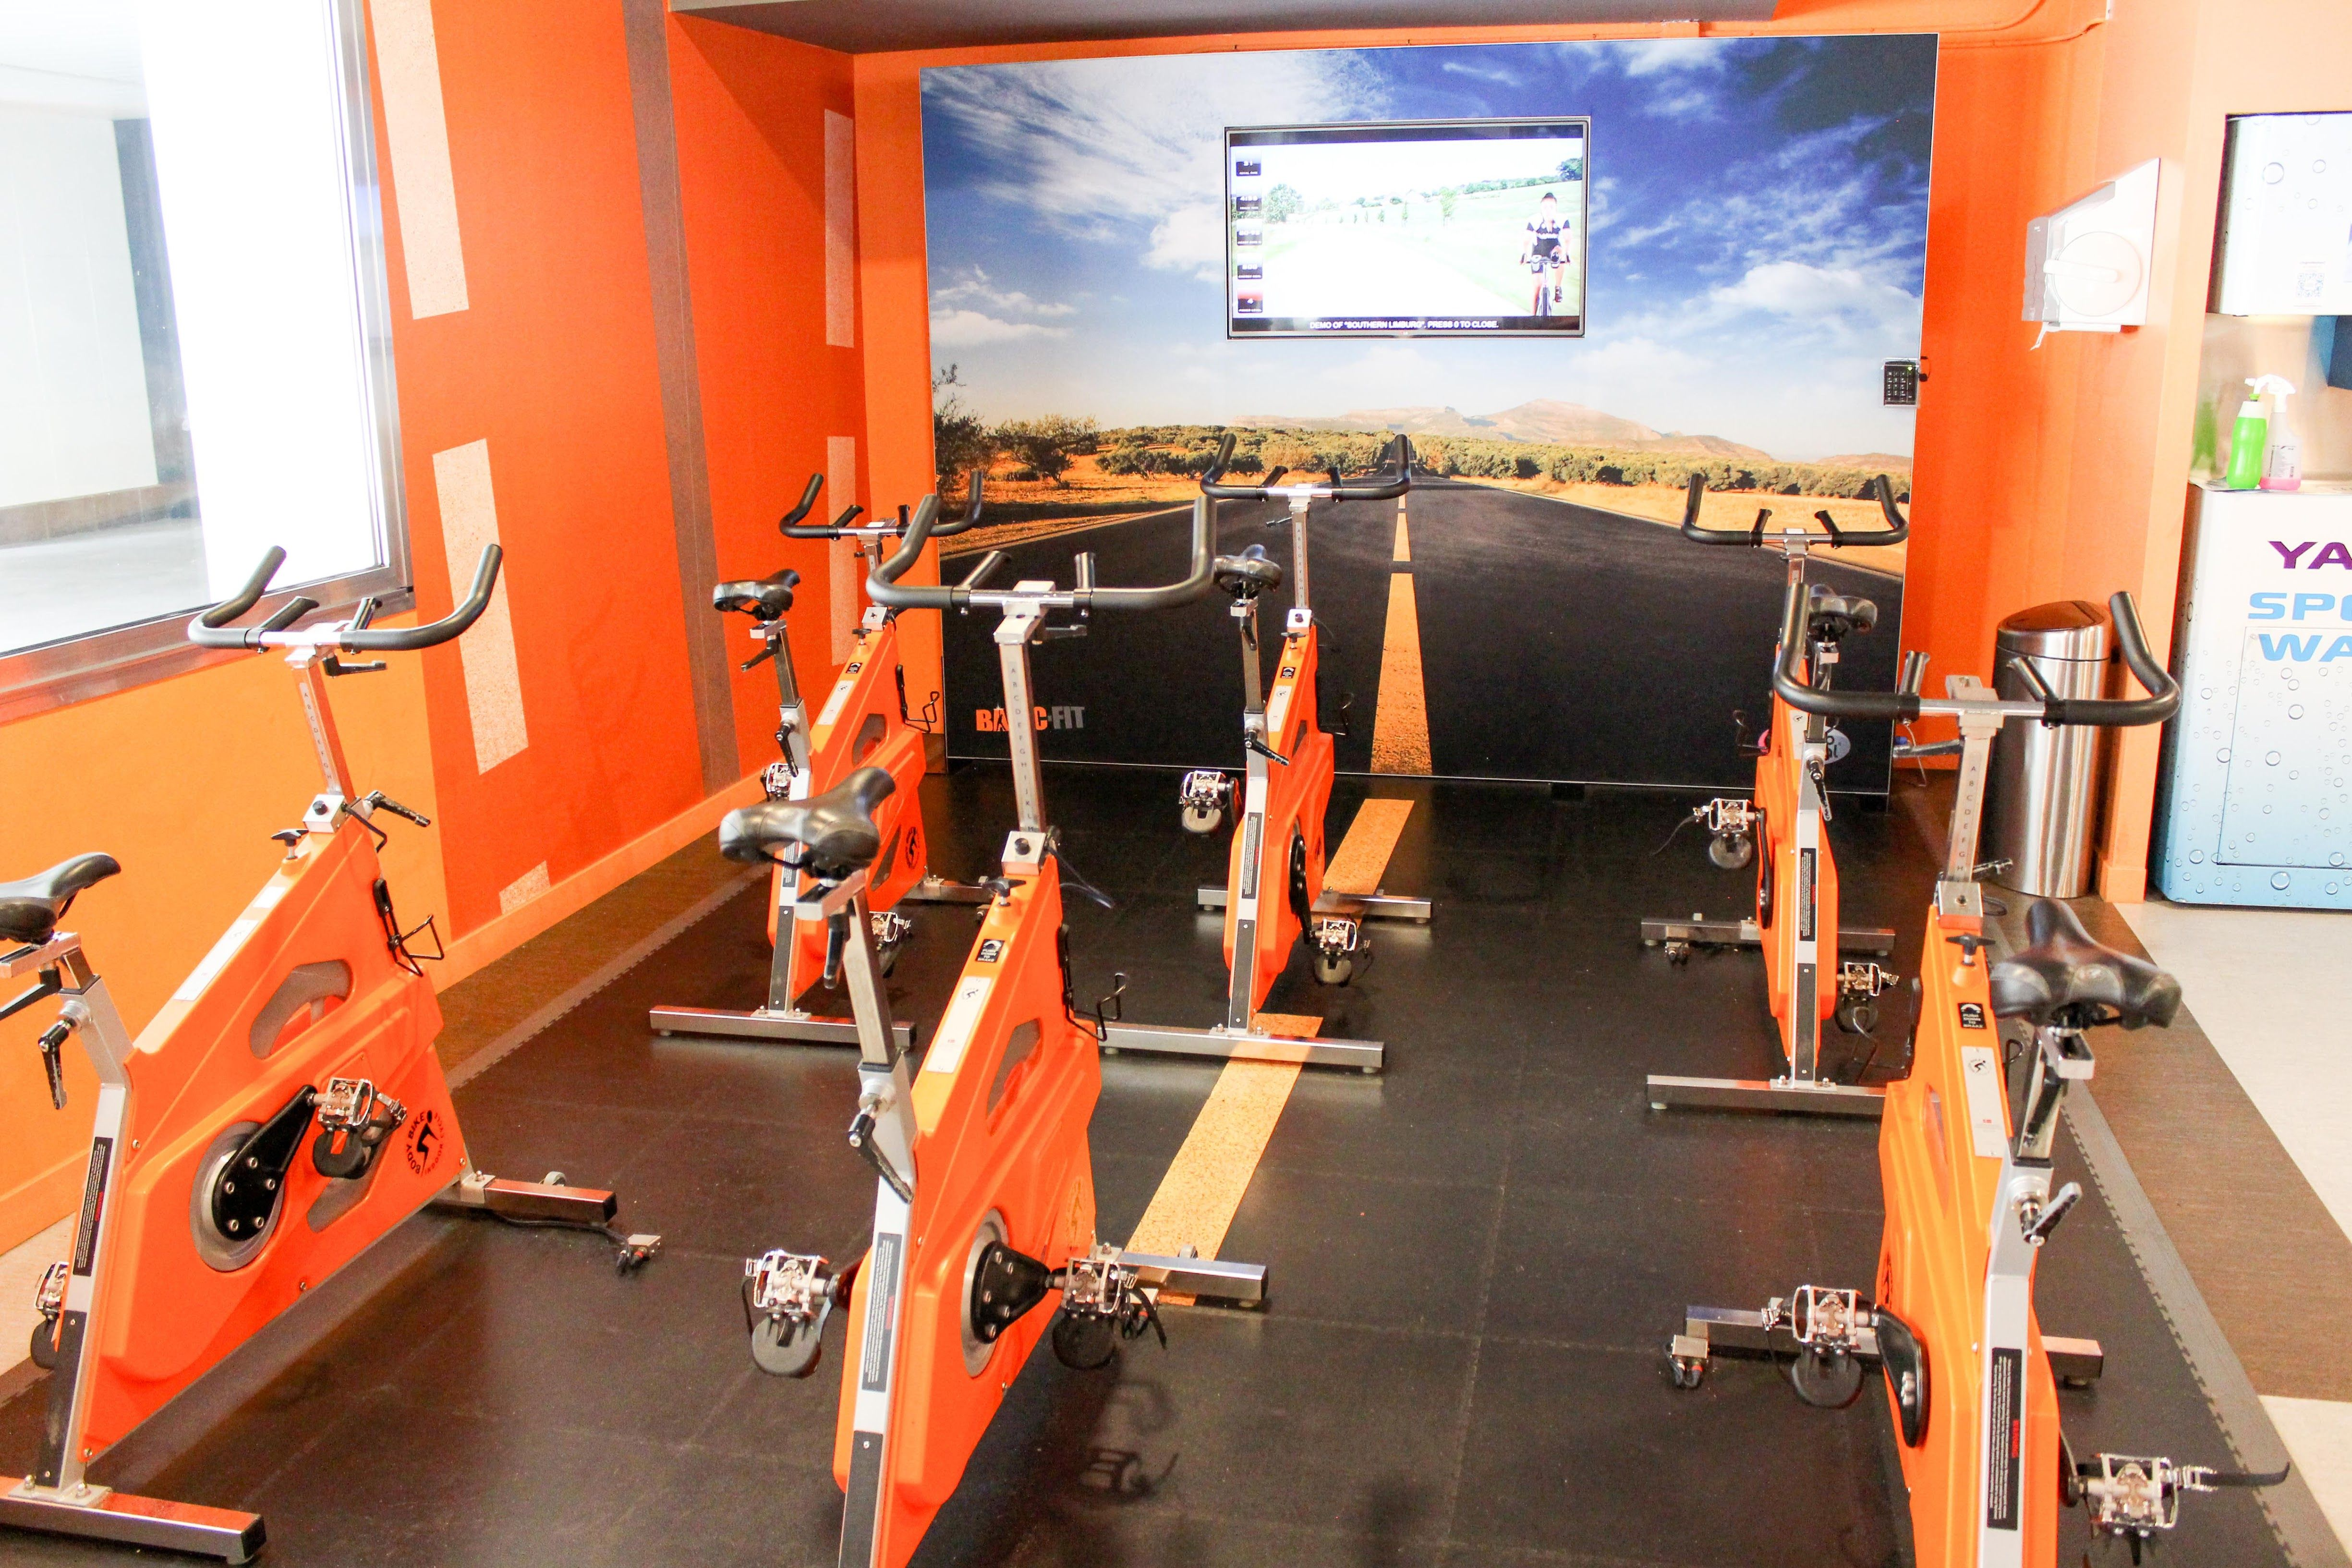 Foto 17 de Centro especializado en entrenamientos deportivos en Madrid | Isfit24